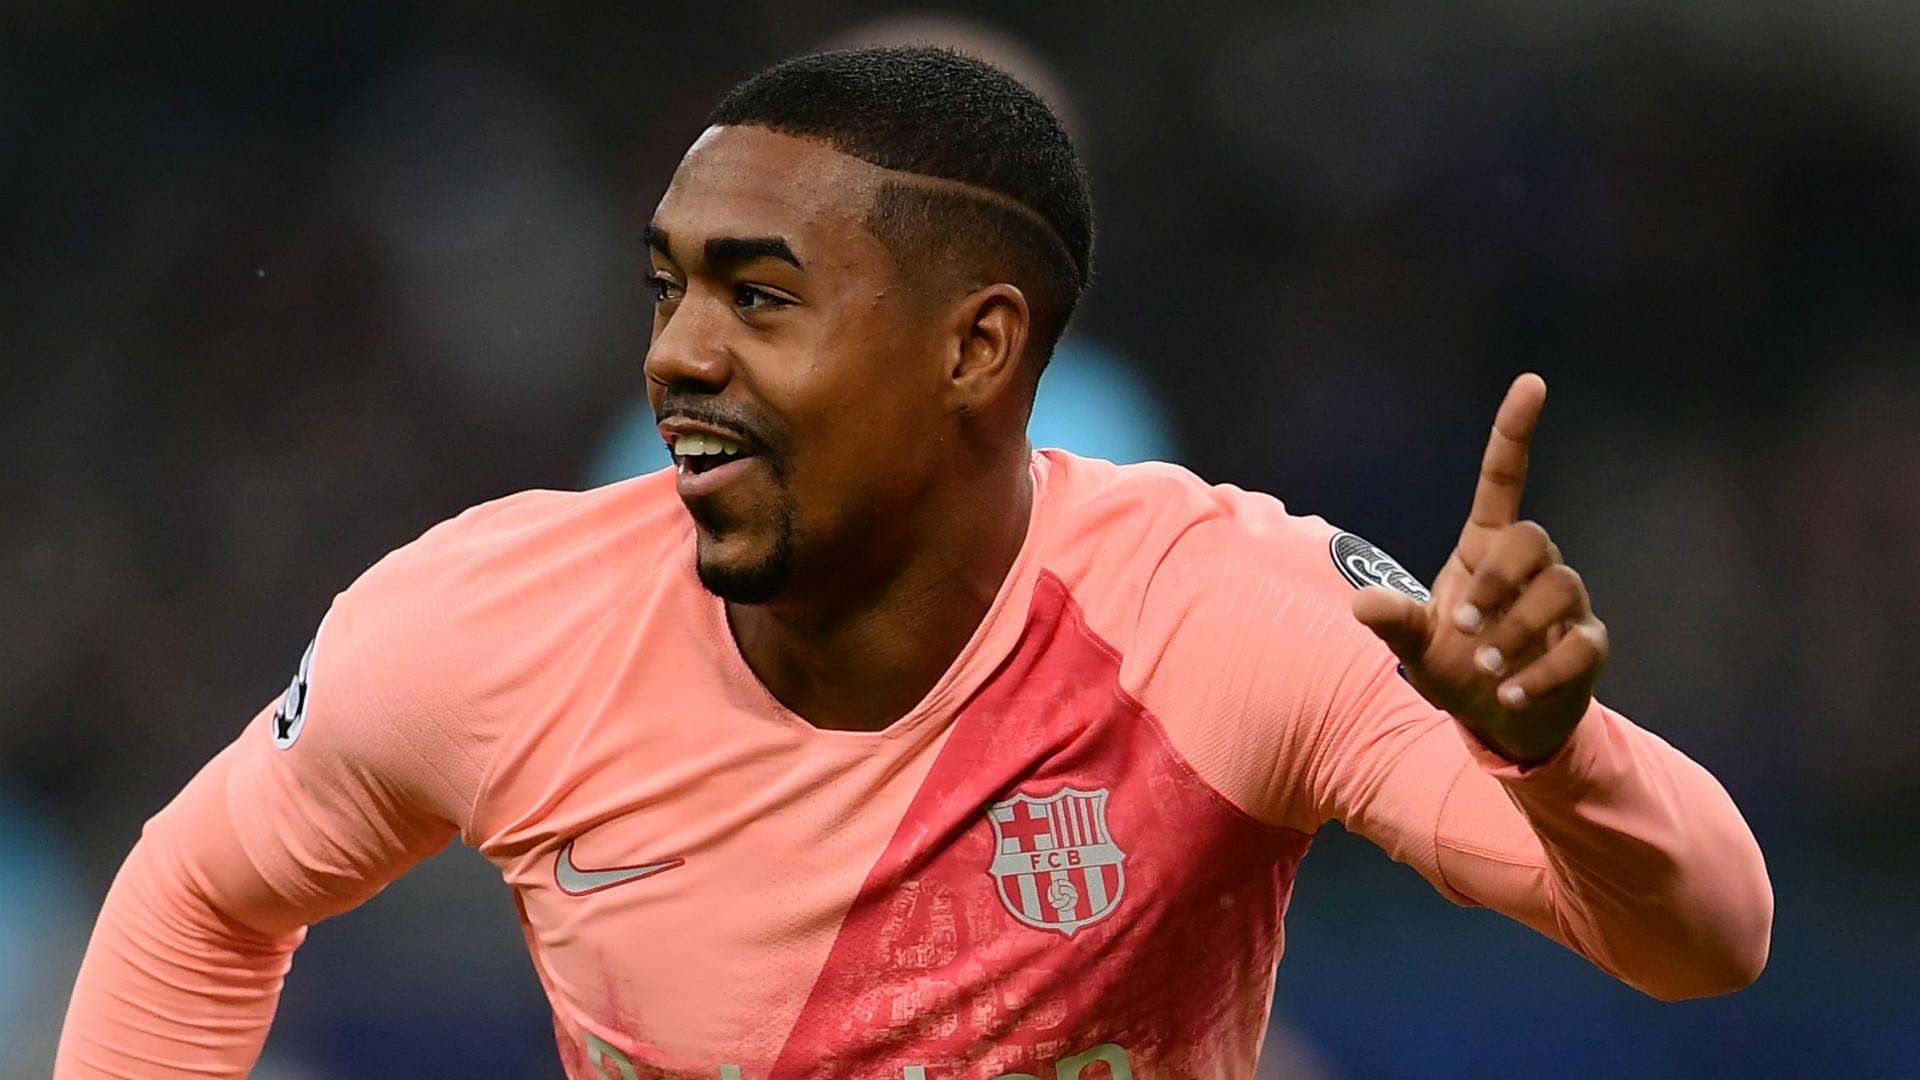 Arsenal Sedang Merayu Barcelona Untuk Melepas 2 Pemainnya